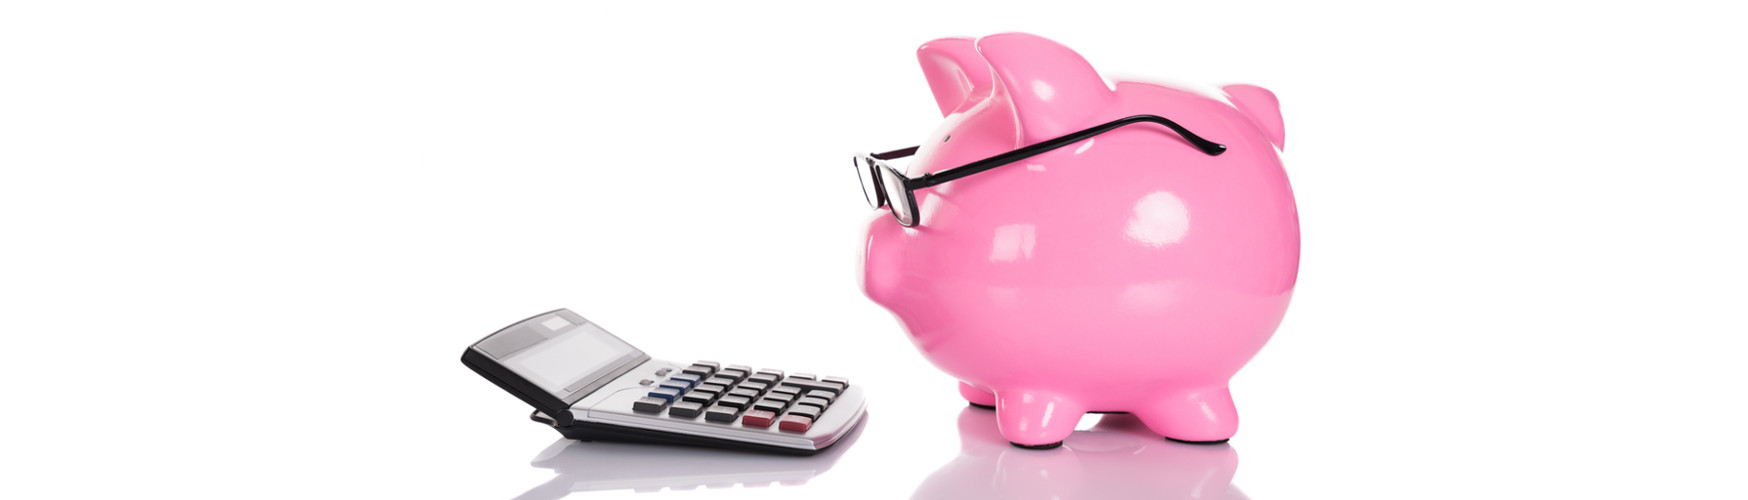 Bespaart u al op uw energiekosten?